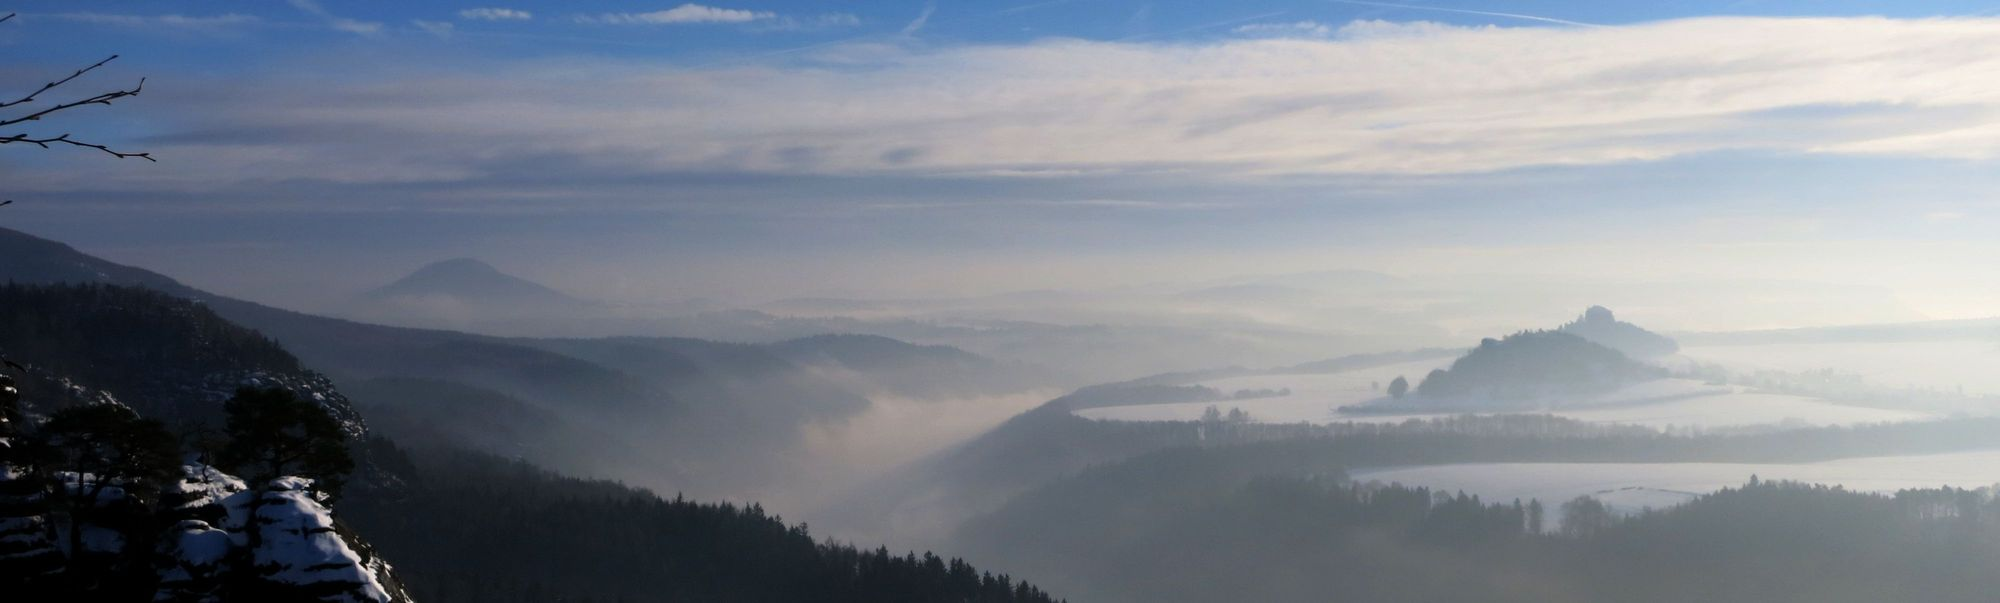 Schrammsteinaussicht: Elbtal und Zirkelstein